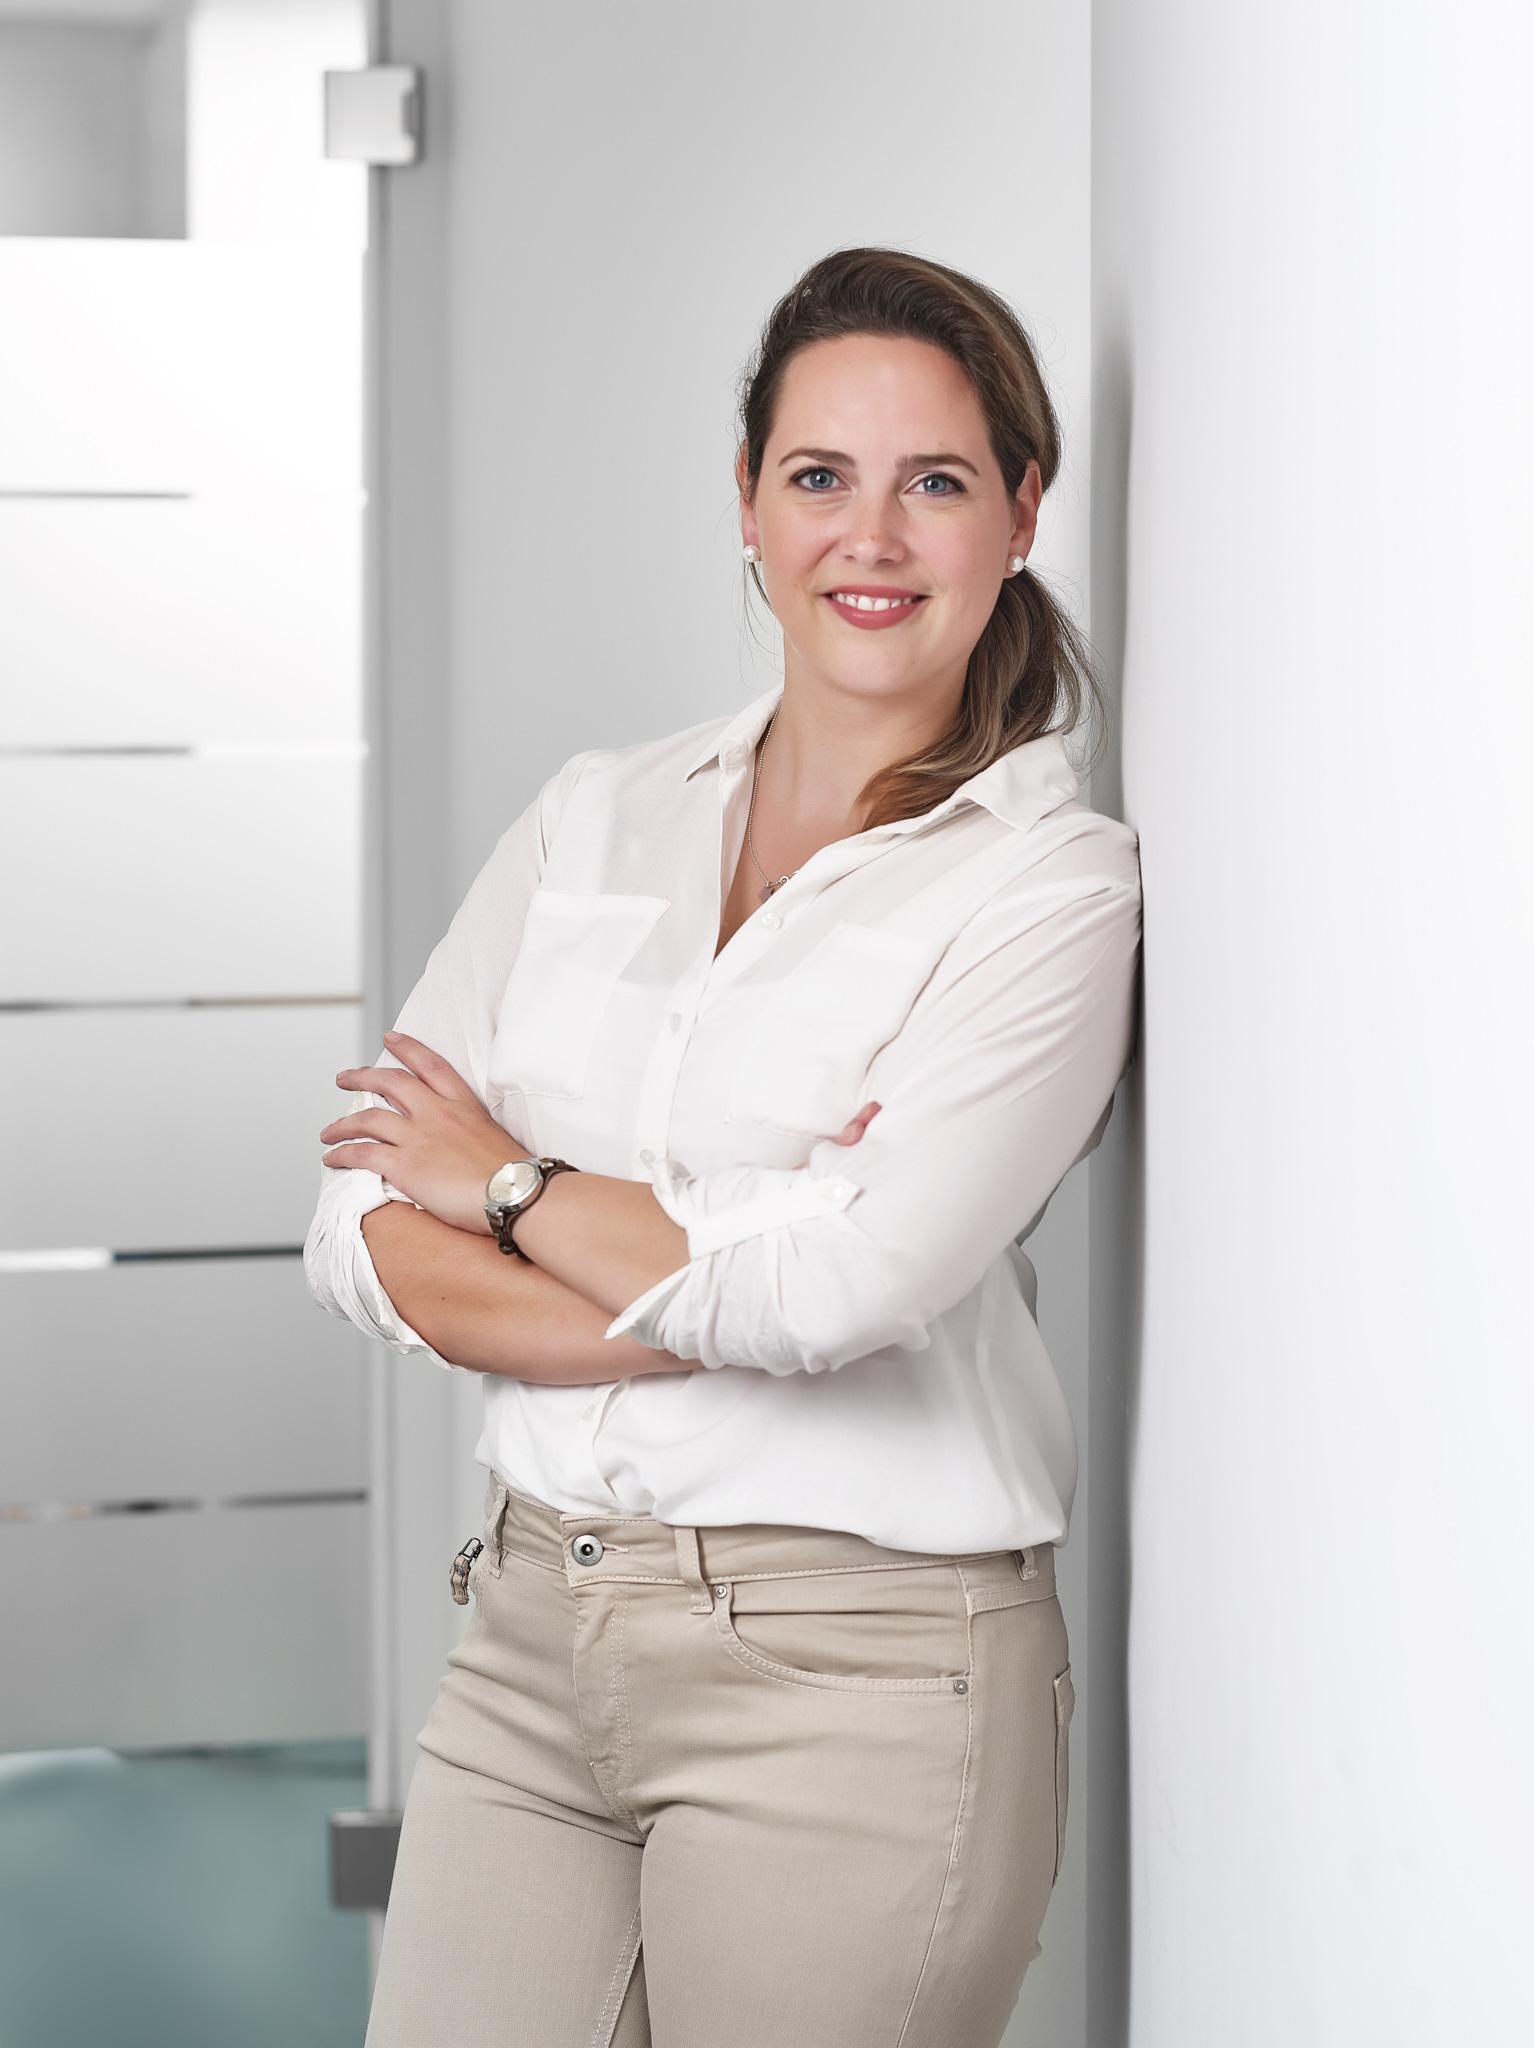 Julia Zeitzer